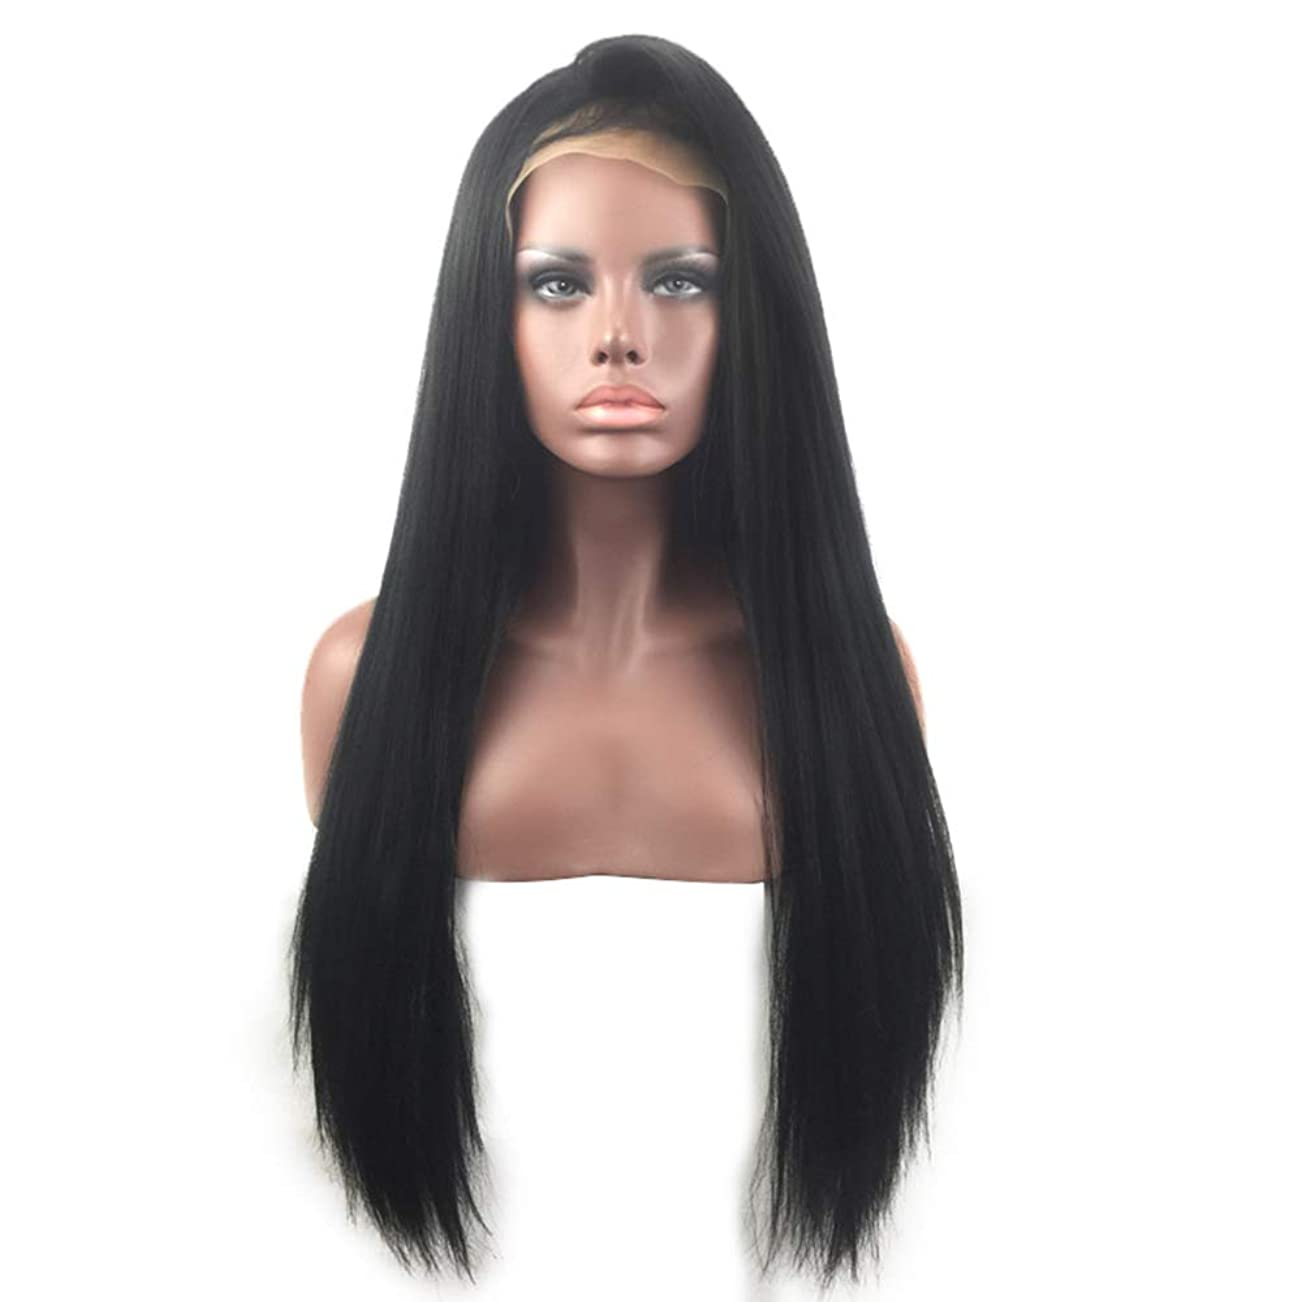 彼女は理想的休日女性ストレートヘア4×4レース前頭かつらブラジルバージン人間の髪かつらで赤ちゃんの髪ナチュラルブラック70センチ